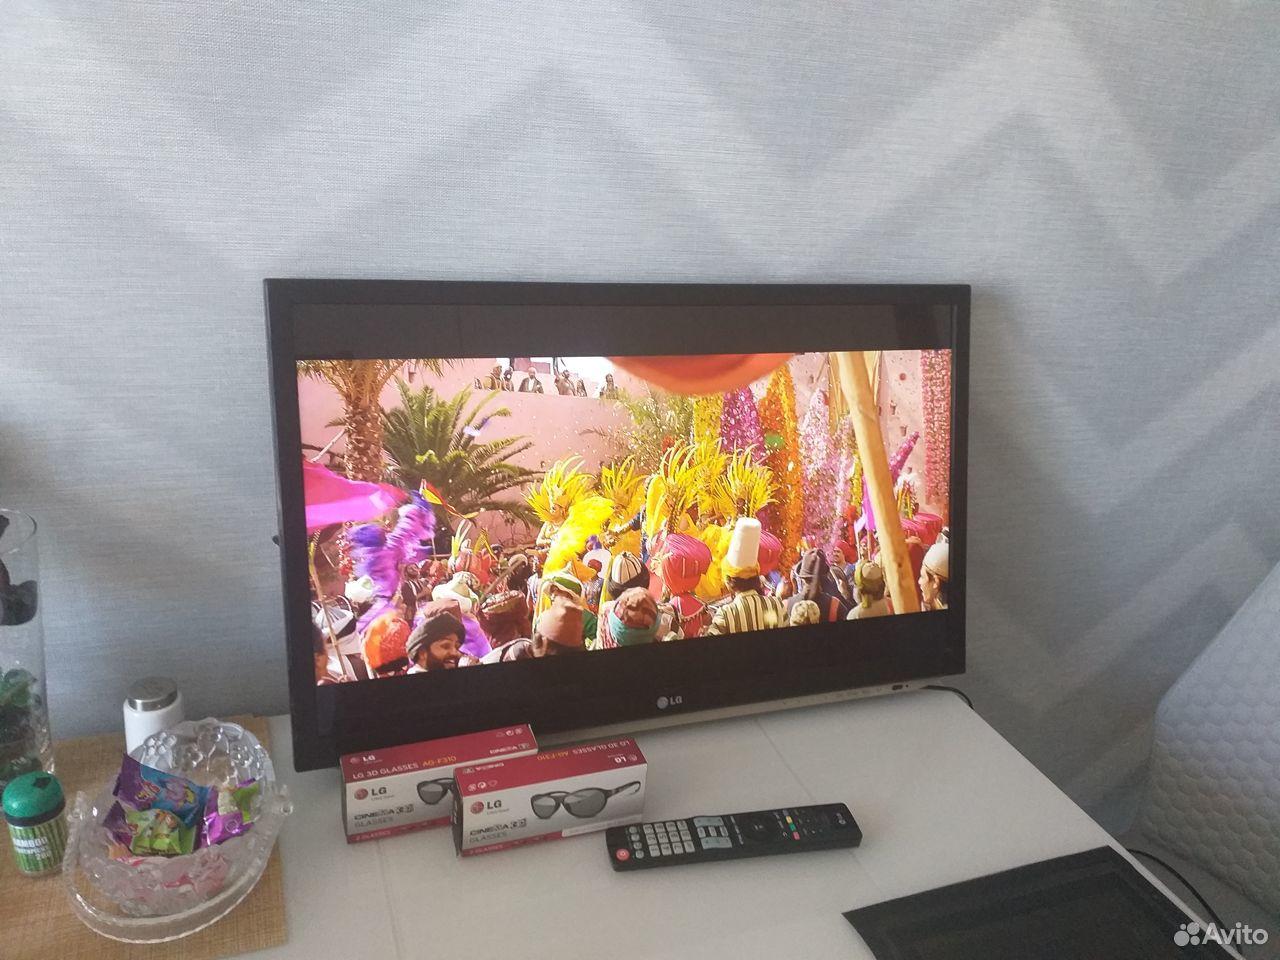 Телевизор LG 32lm585s 3D  89608766056 купить 2